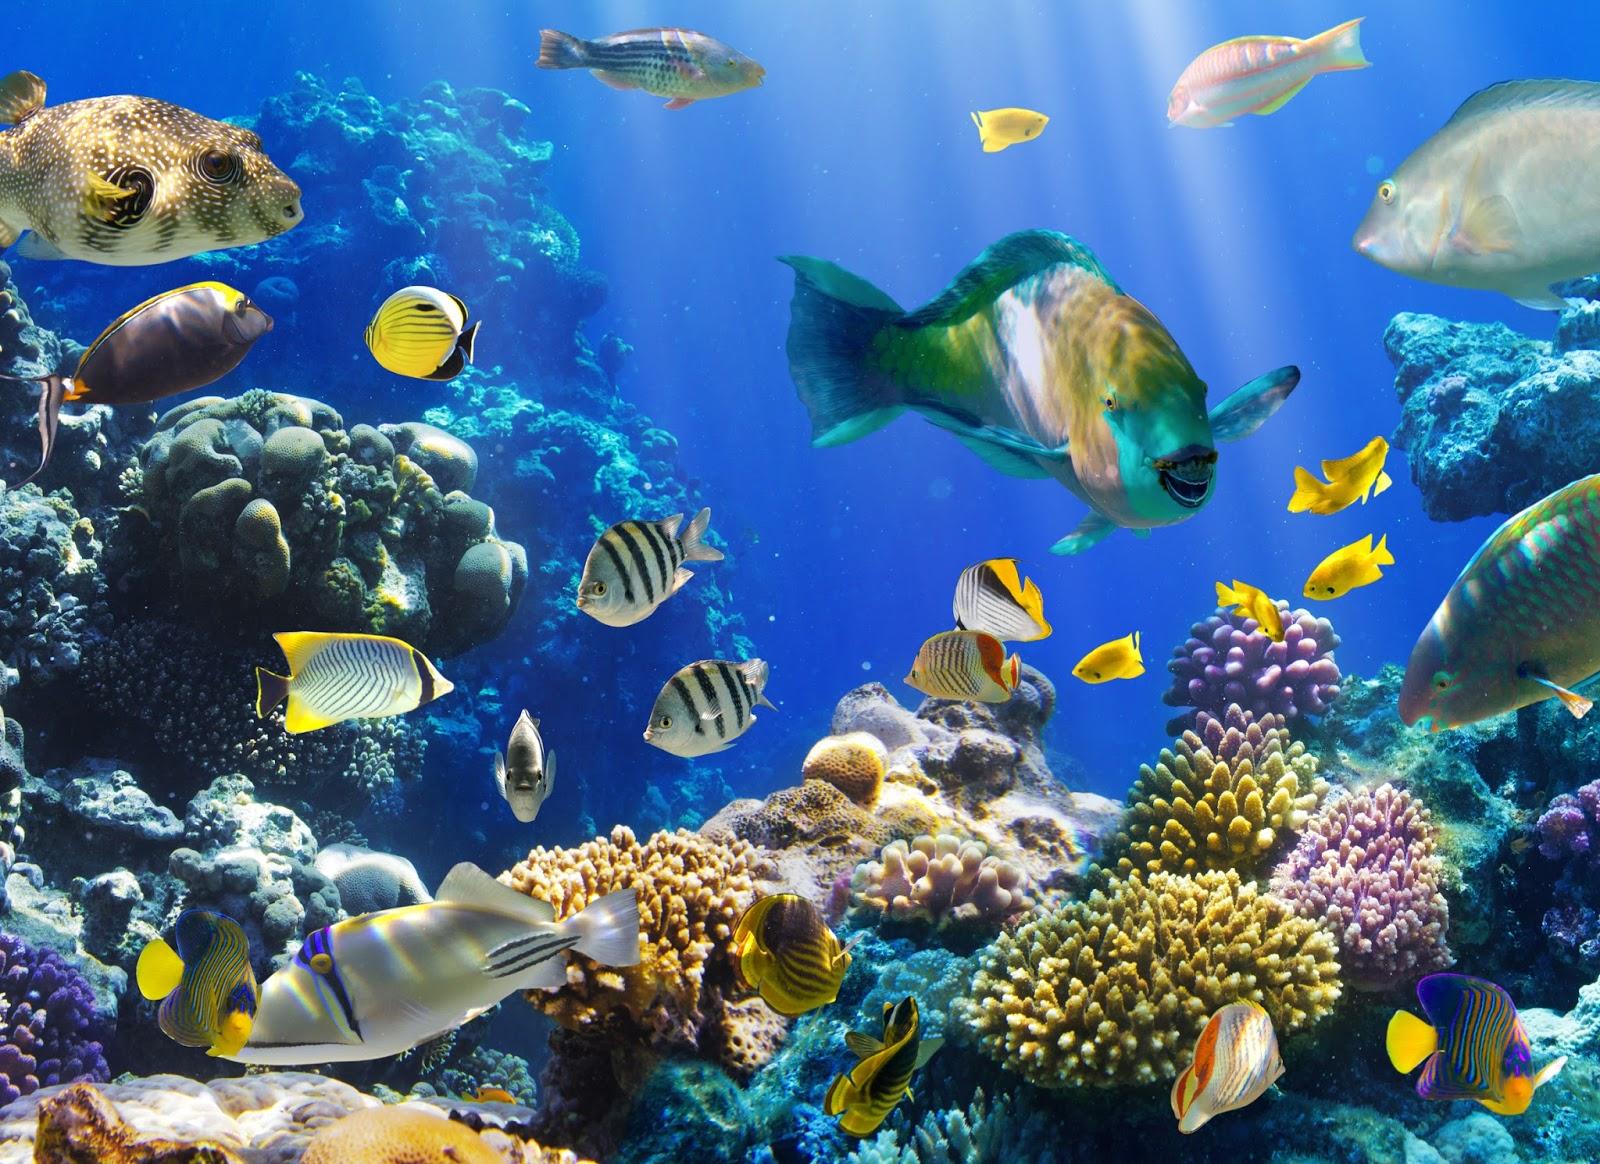 Sustituir la tecnolog a a la naturaleza como nuevo amo for Acuarios para peces marinos